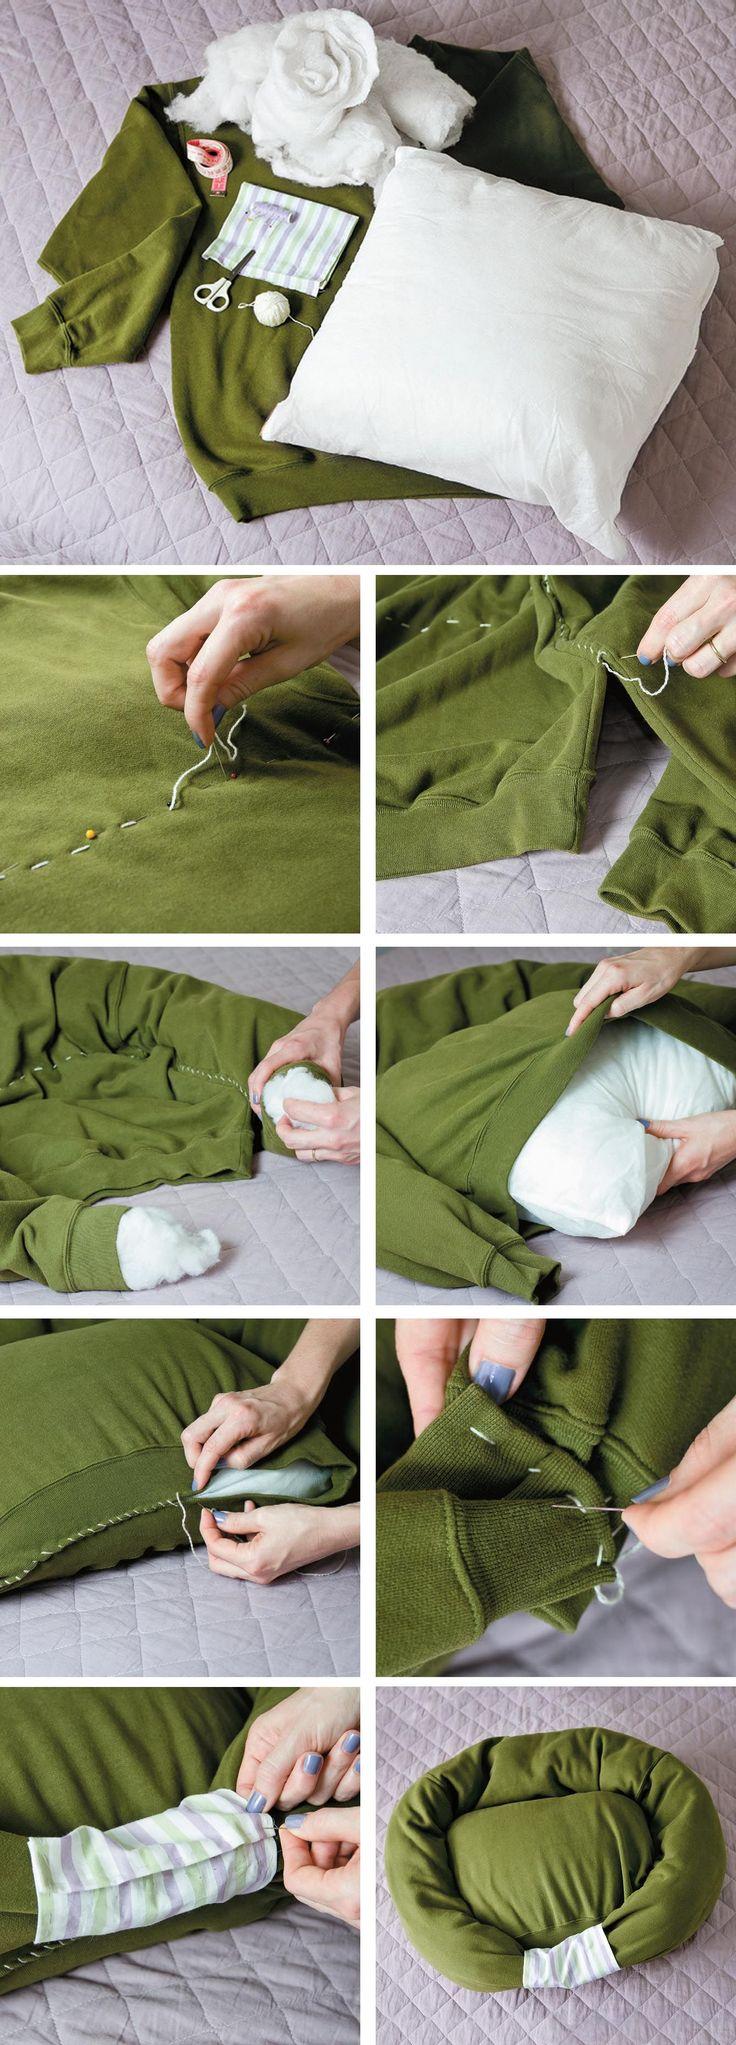 Cama para nuestro perro reciclando un suéter viejo y un cojín, DOG BED